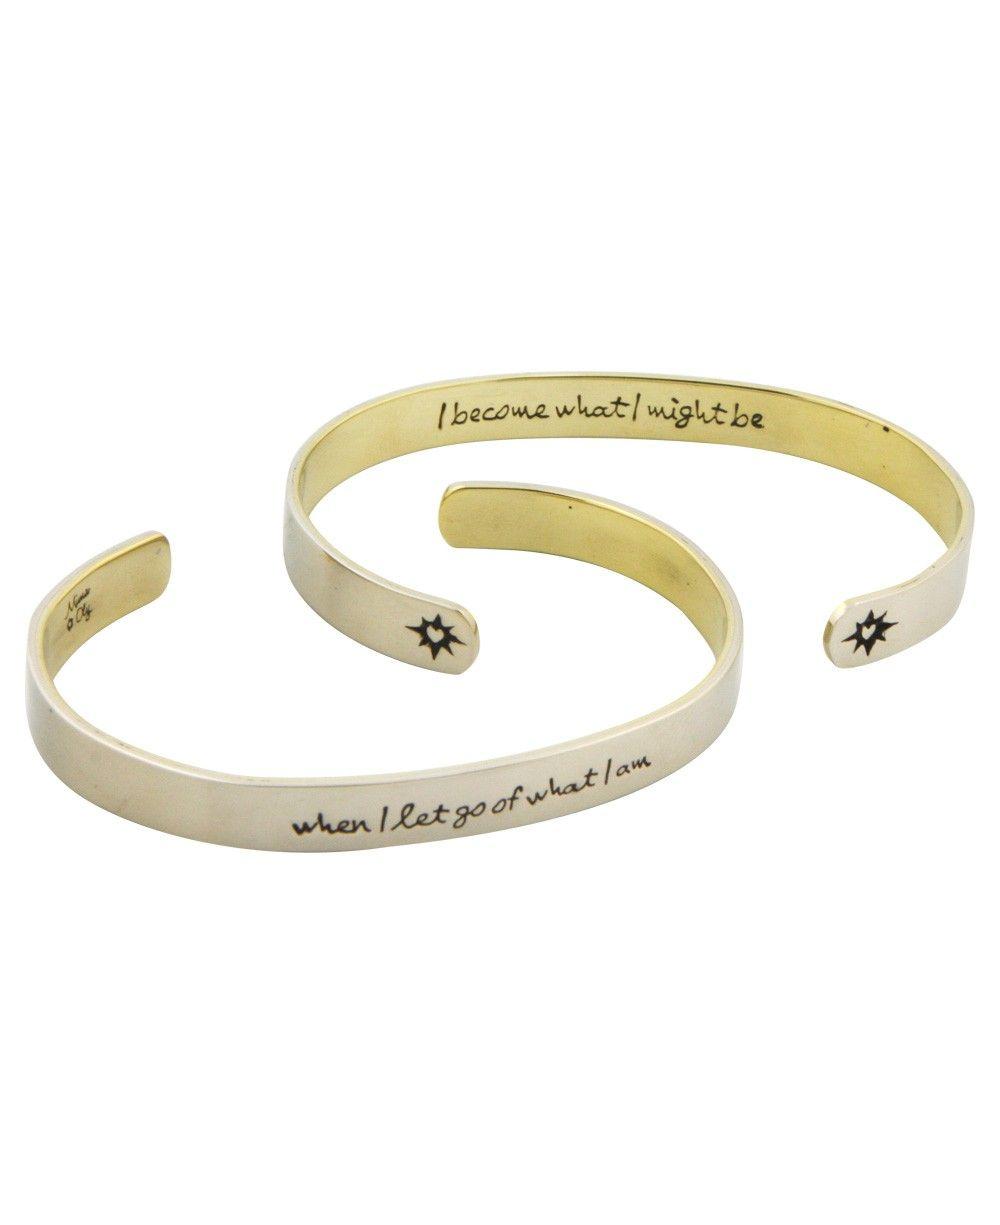 Inspirational Jewelry Word Art Bracelet Lao Tzu Quote